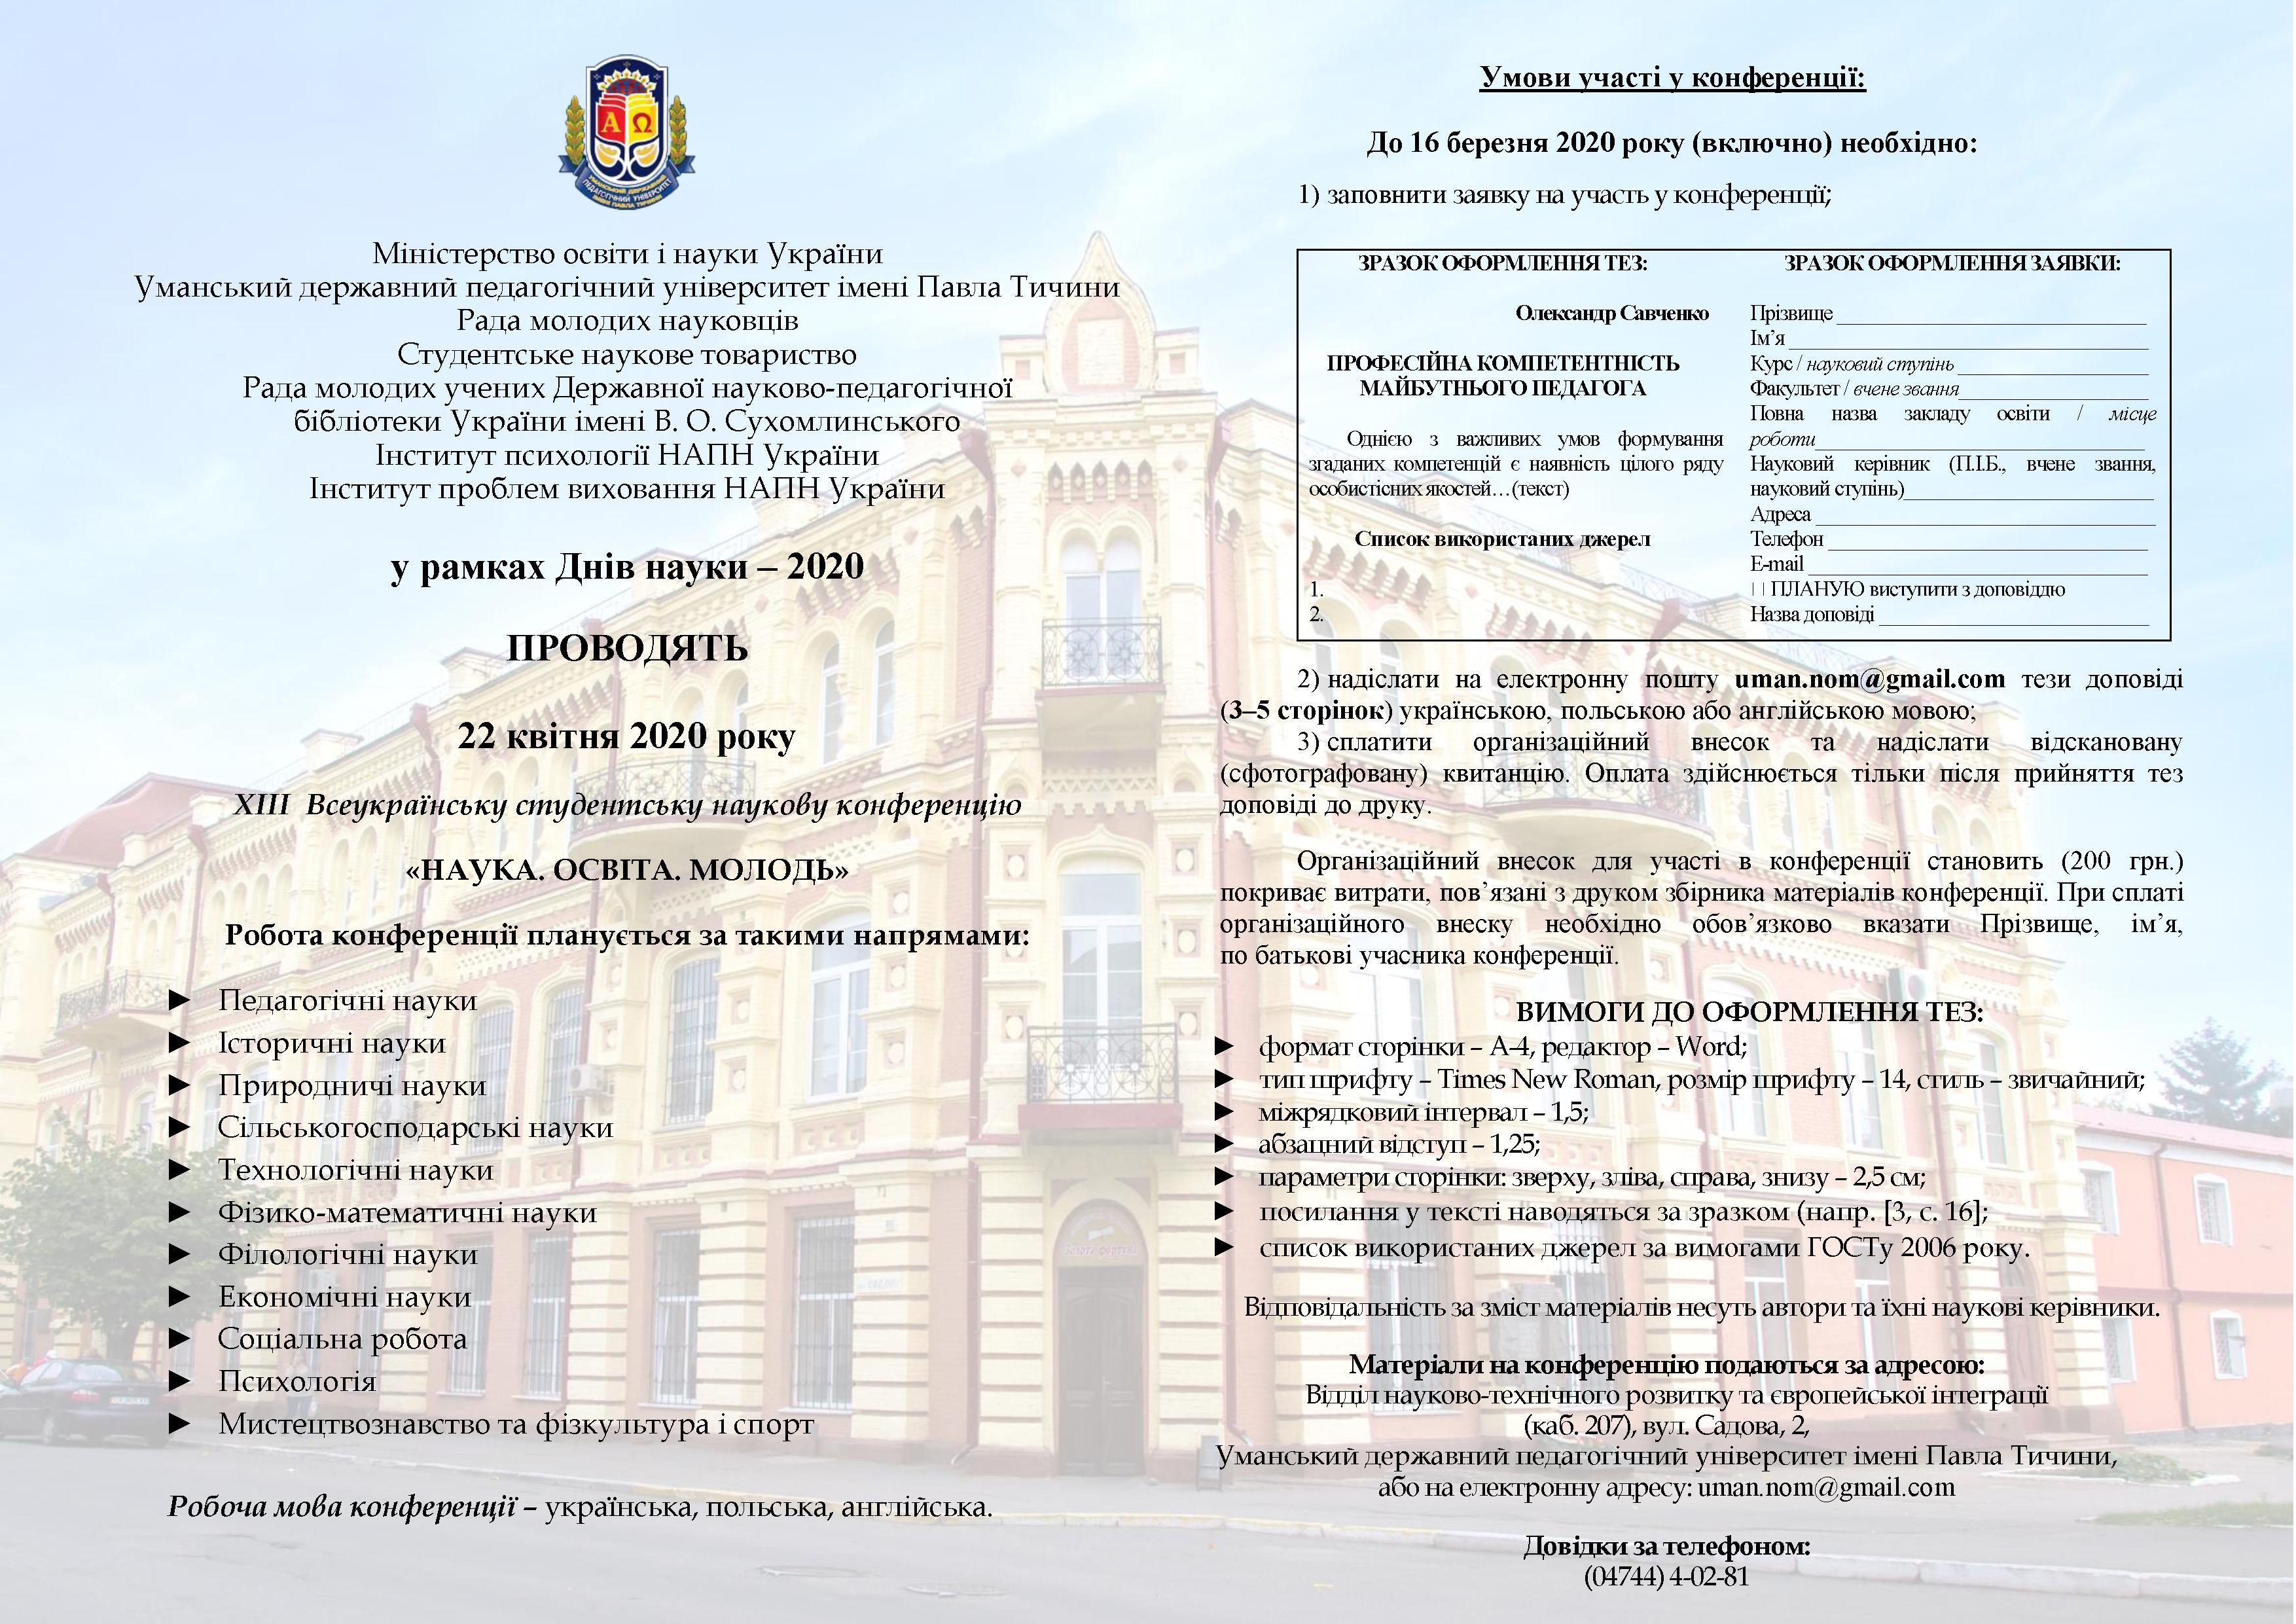 """Запрошуємо взяти участь в ХІІІ Всеукраїнській студентській науковій конференції """"Наука. Освіта. Молодь"""""""